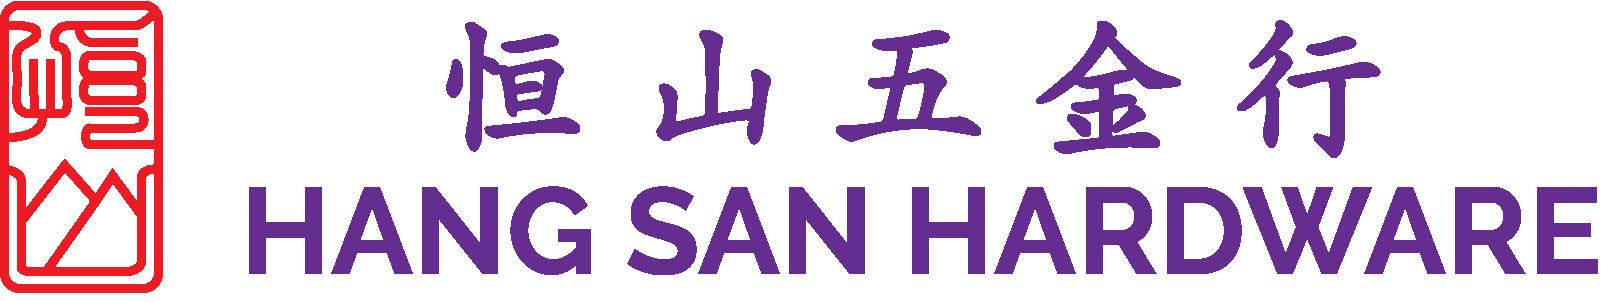 Hang San Hardware